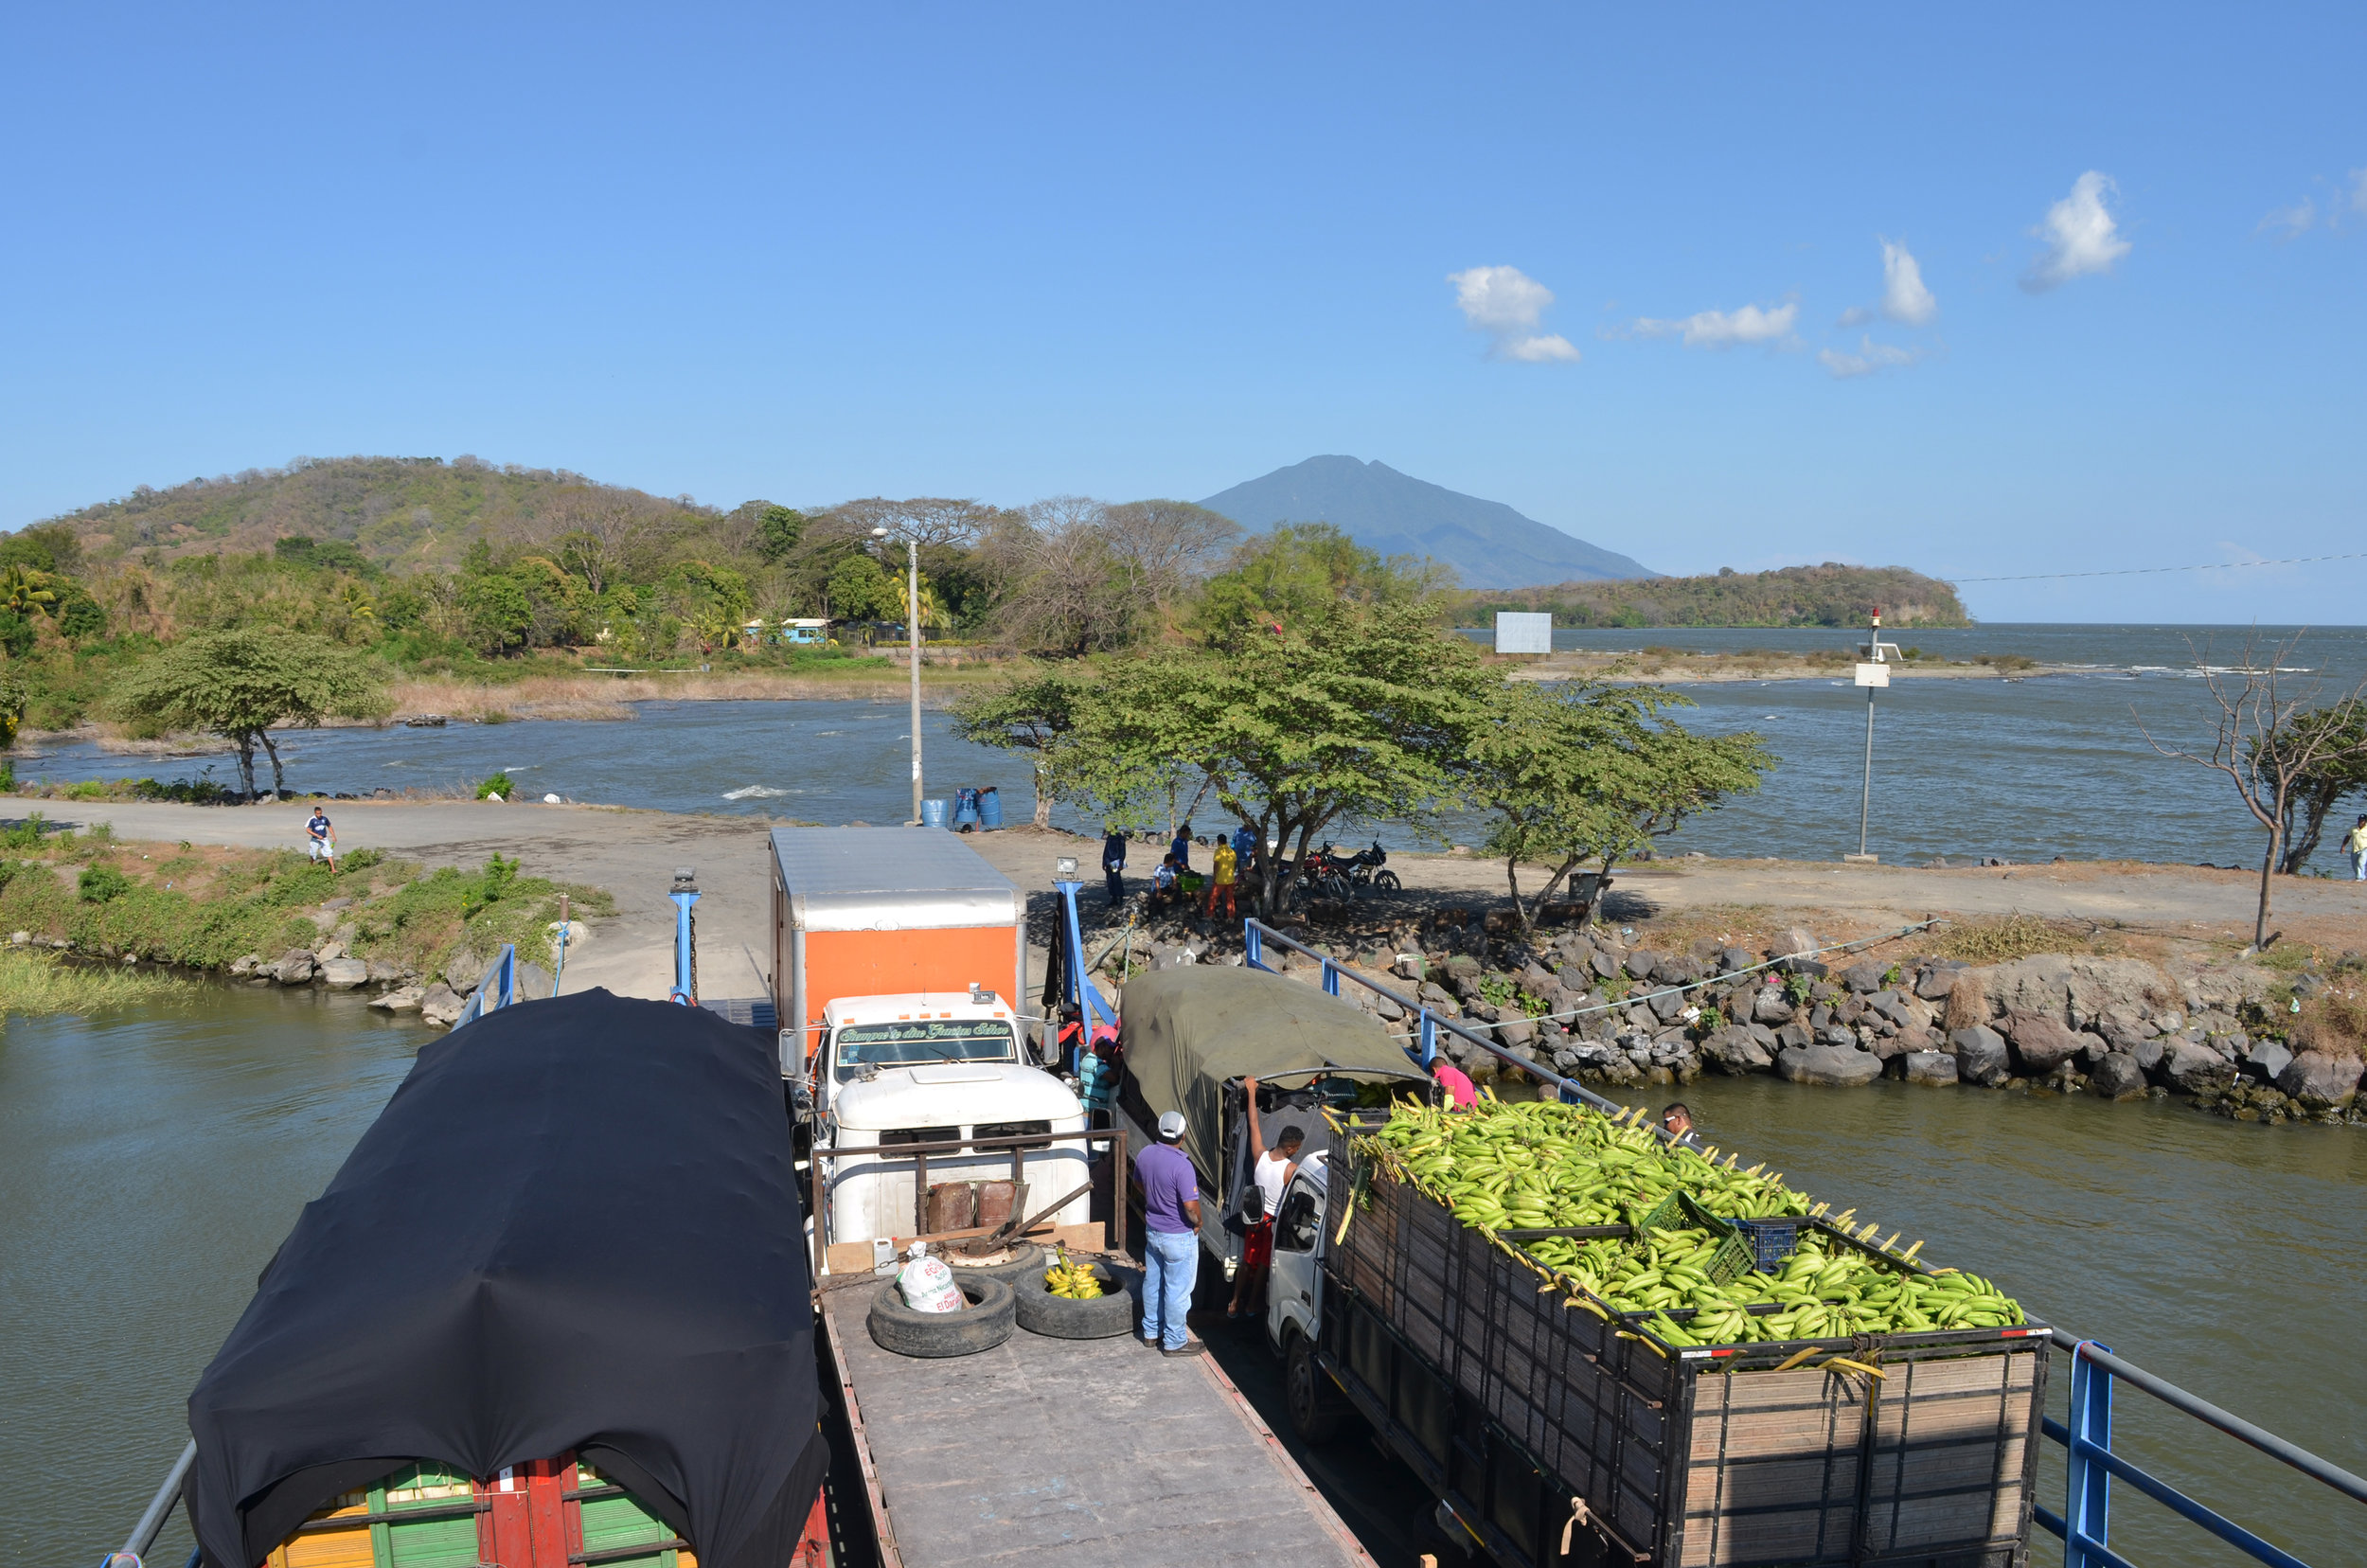 Leaving Isla de Ometepe. :(